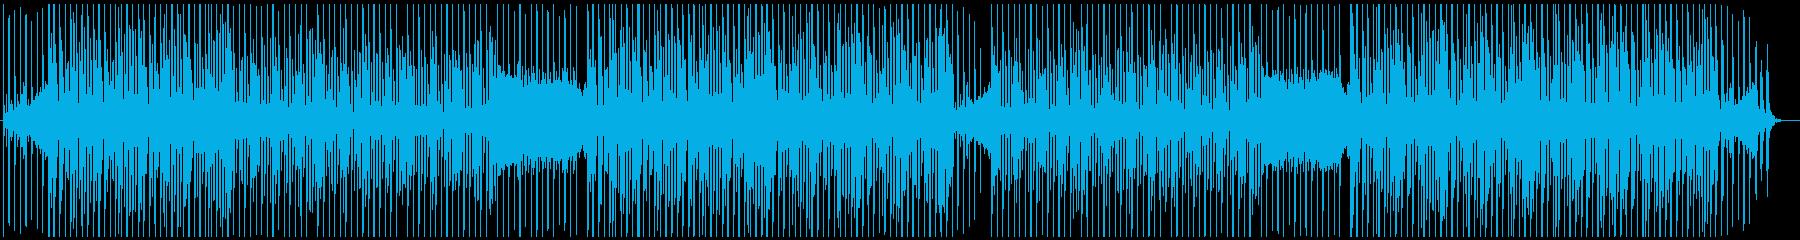 洋楽 ドラマチック シンセサイザー...の再生済みの波形